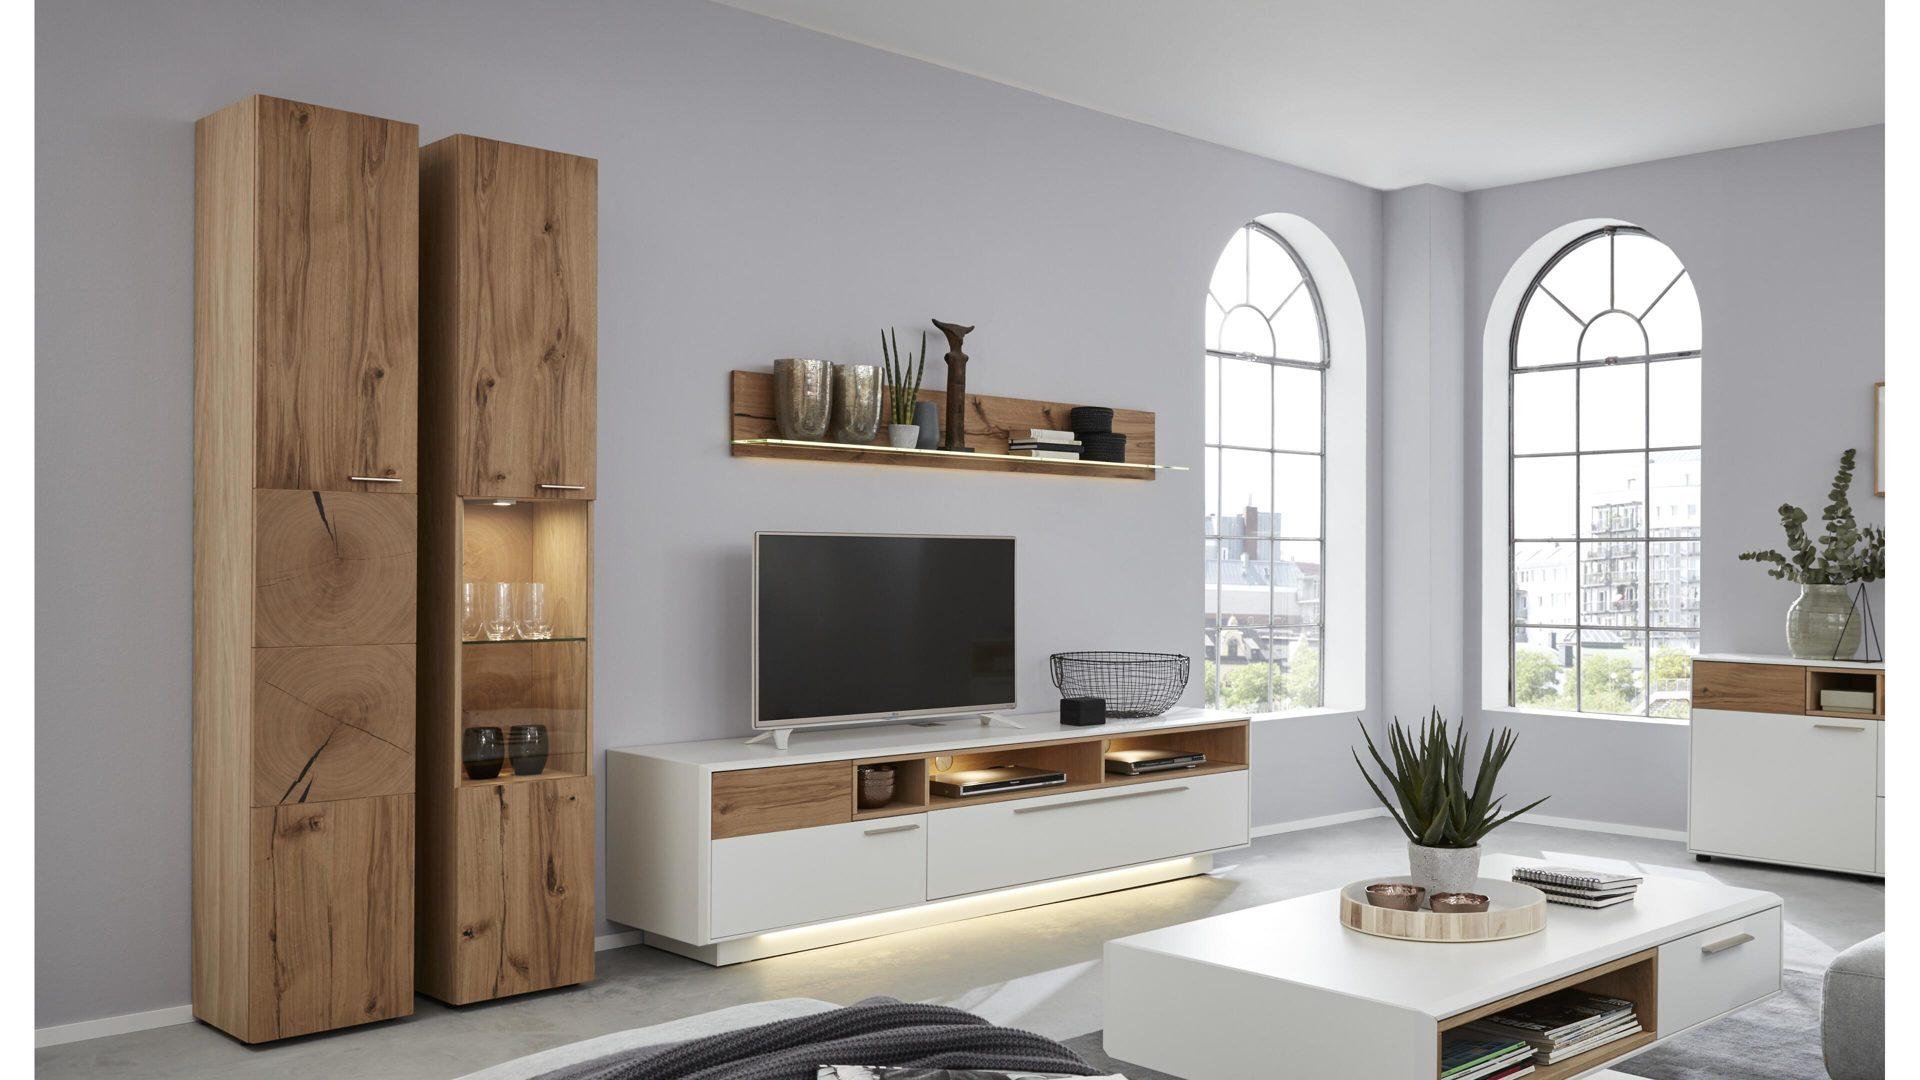 Interliving Wohnzimmer Serie 2102 Wohnkombination 510804s Helles